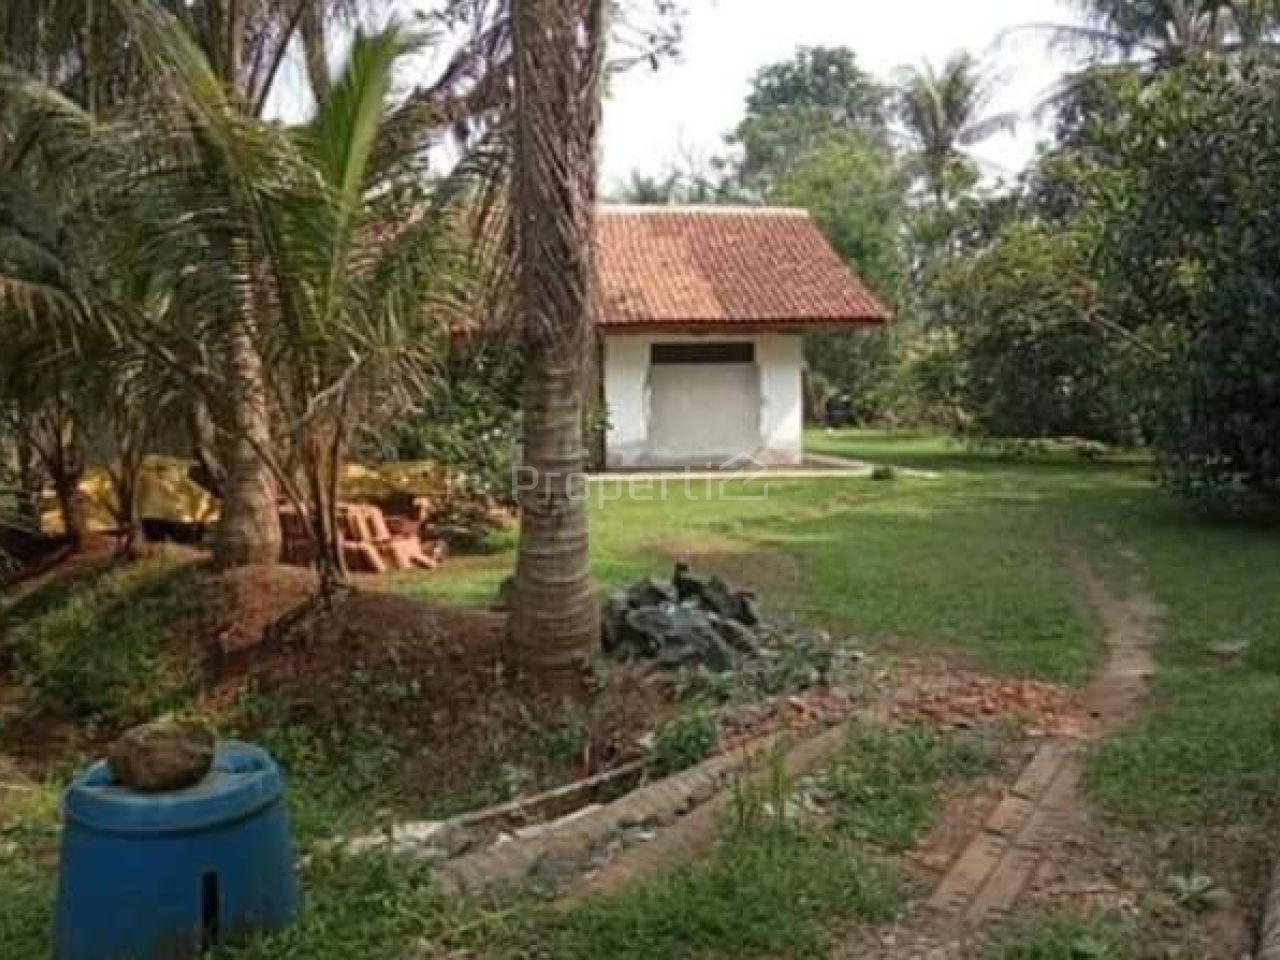 Lahan Kavling di Parung Hijau 2, Bogor, Kab. Bogor